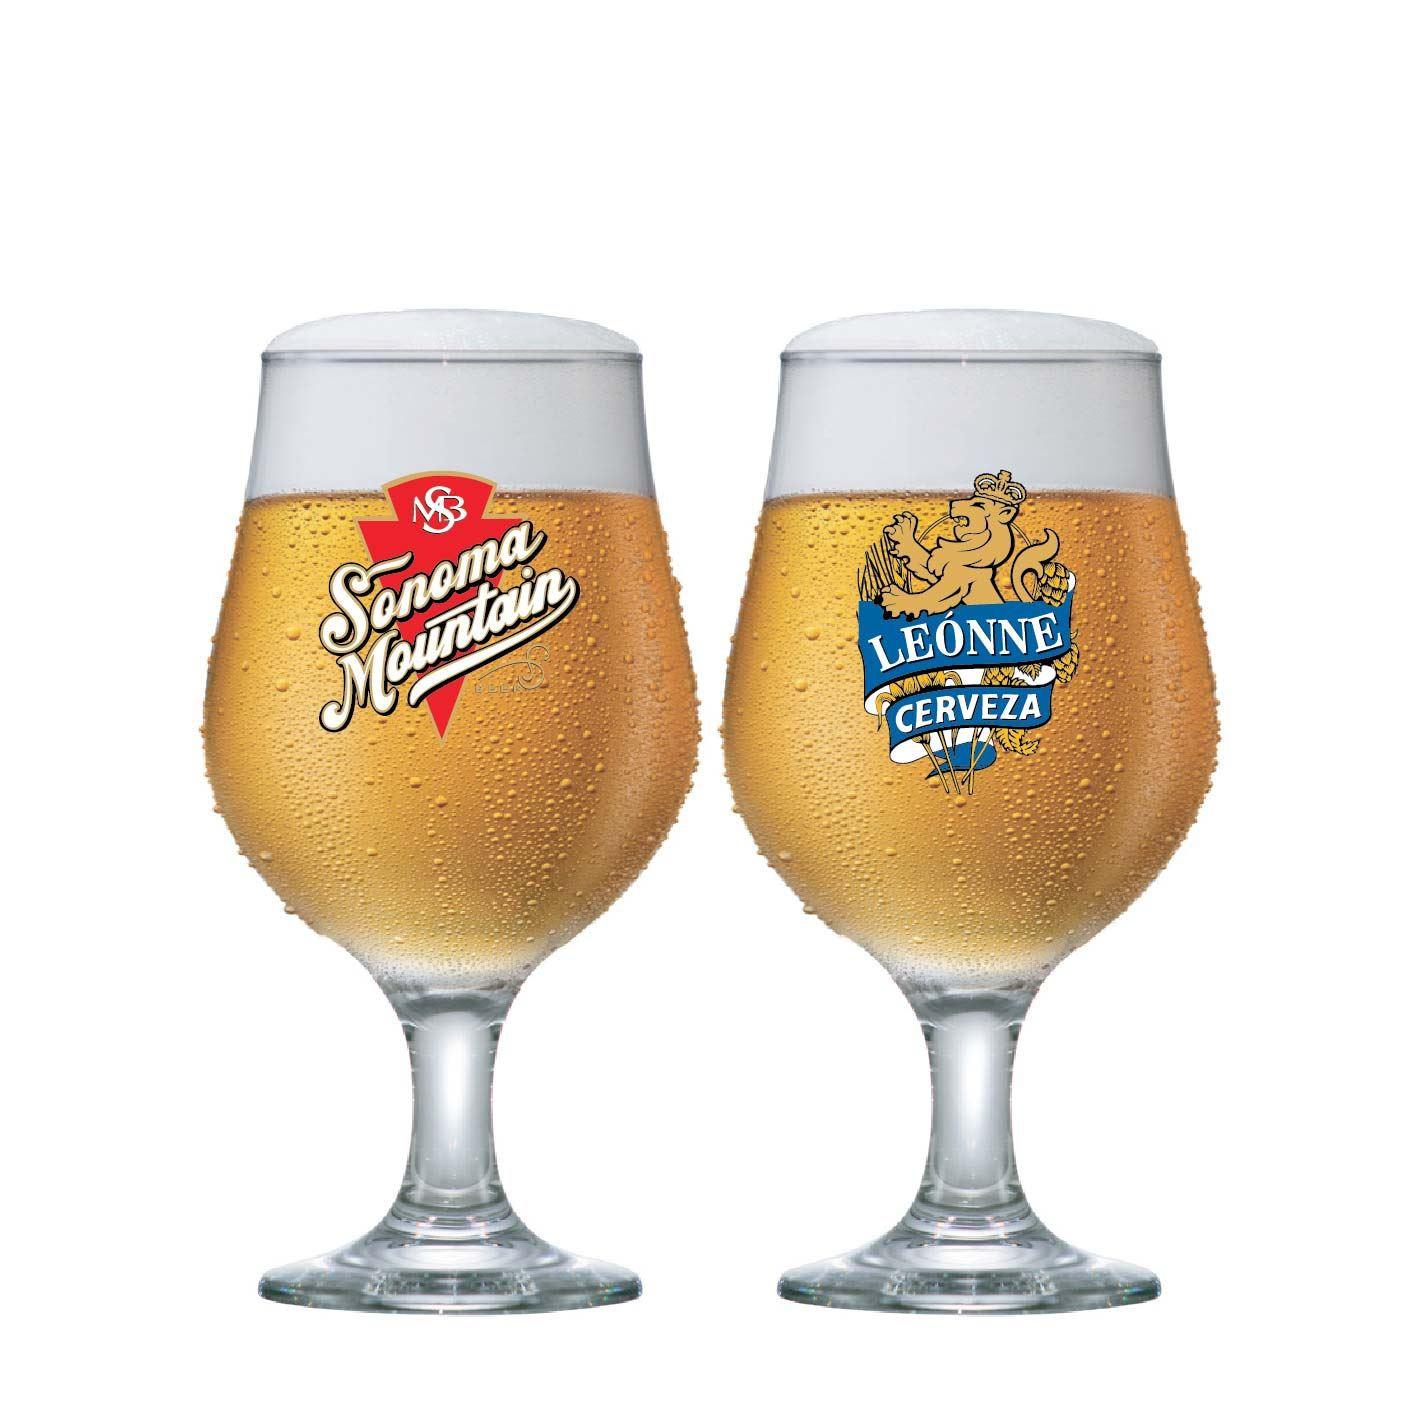 Jogo de Taças para Cerveja Frases Rótulo Belgica 380ml 2 Pcs